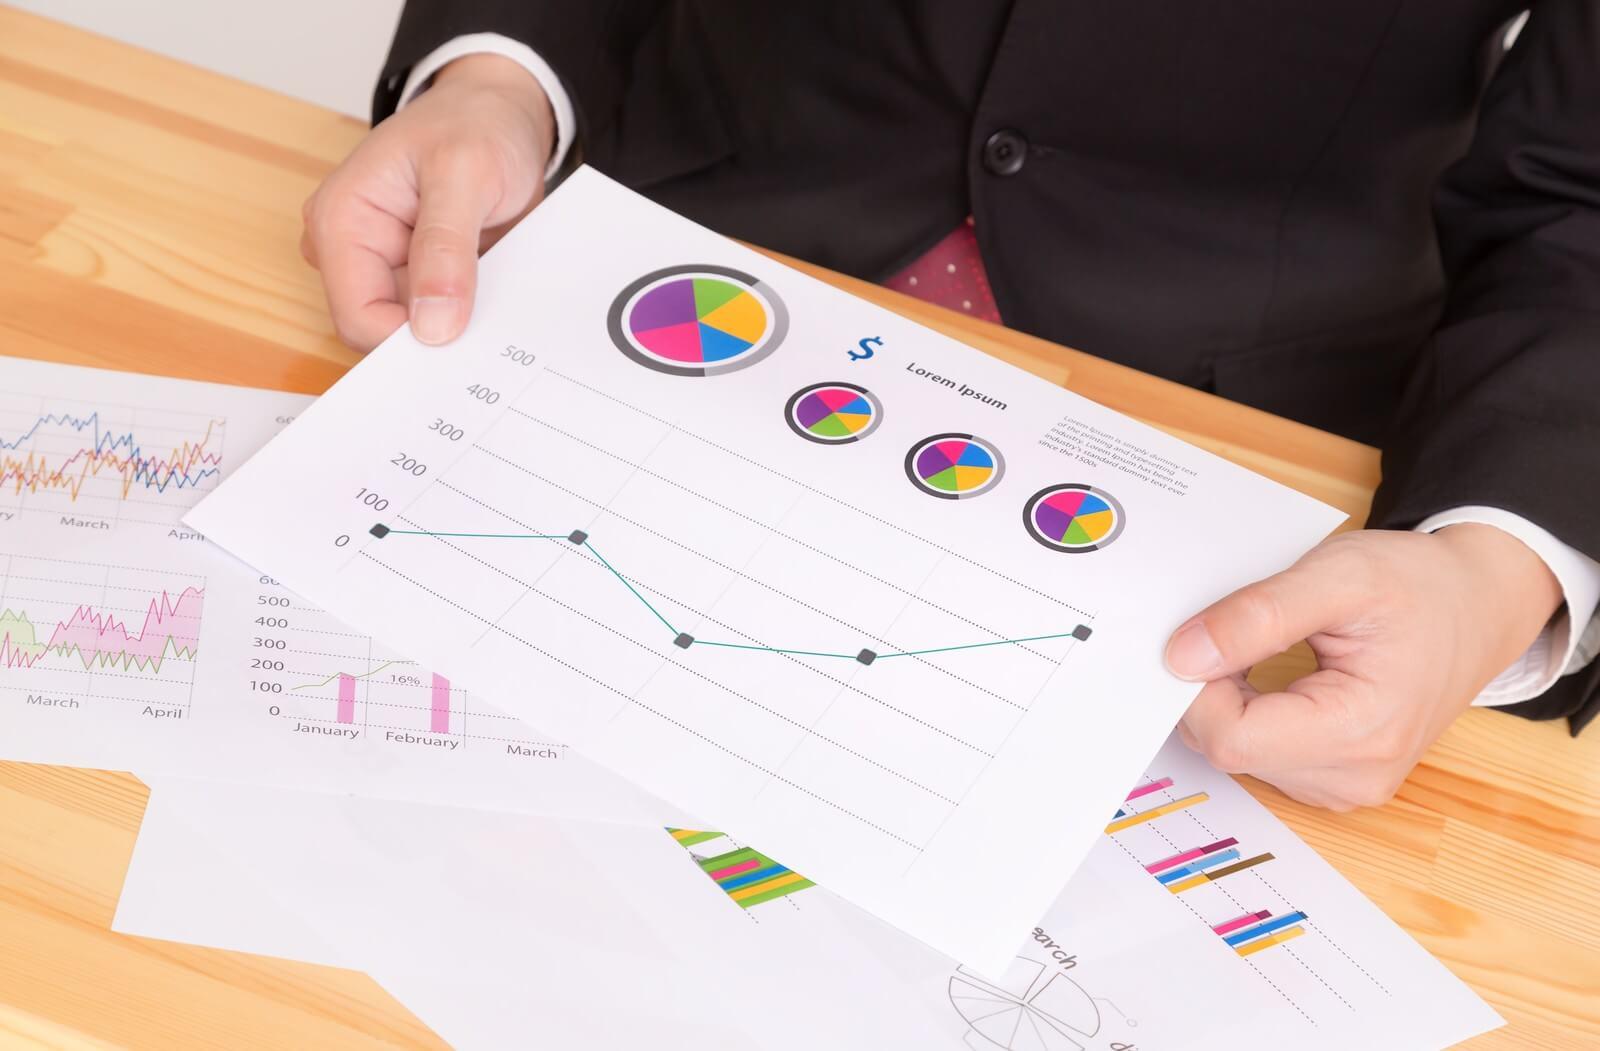 提案書が歩く? 〜 優秀な営業マンを増やさずに結果を最大化する方法 〜